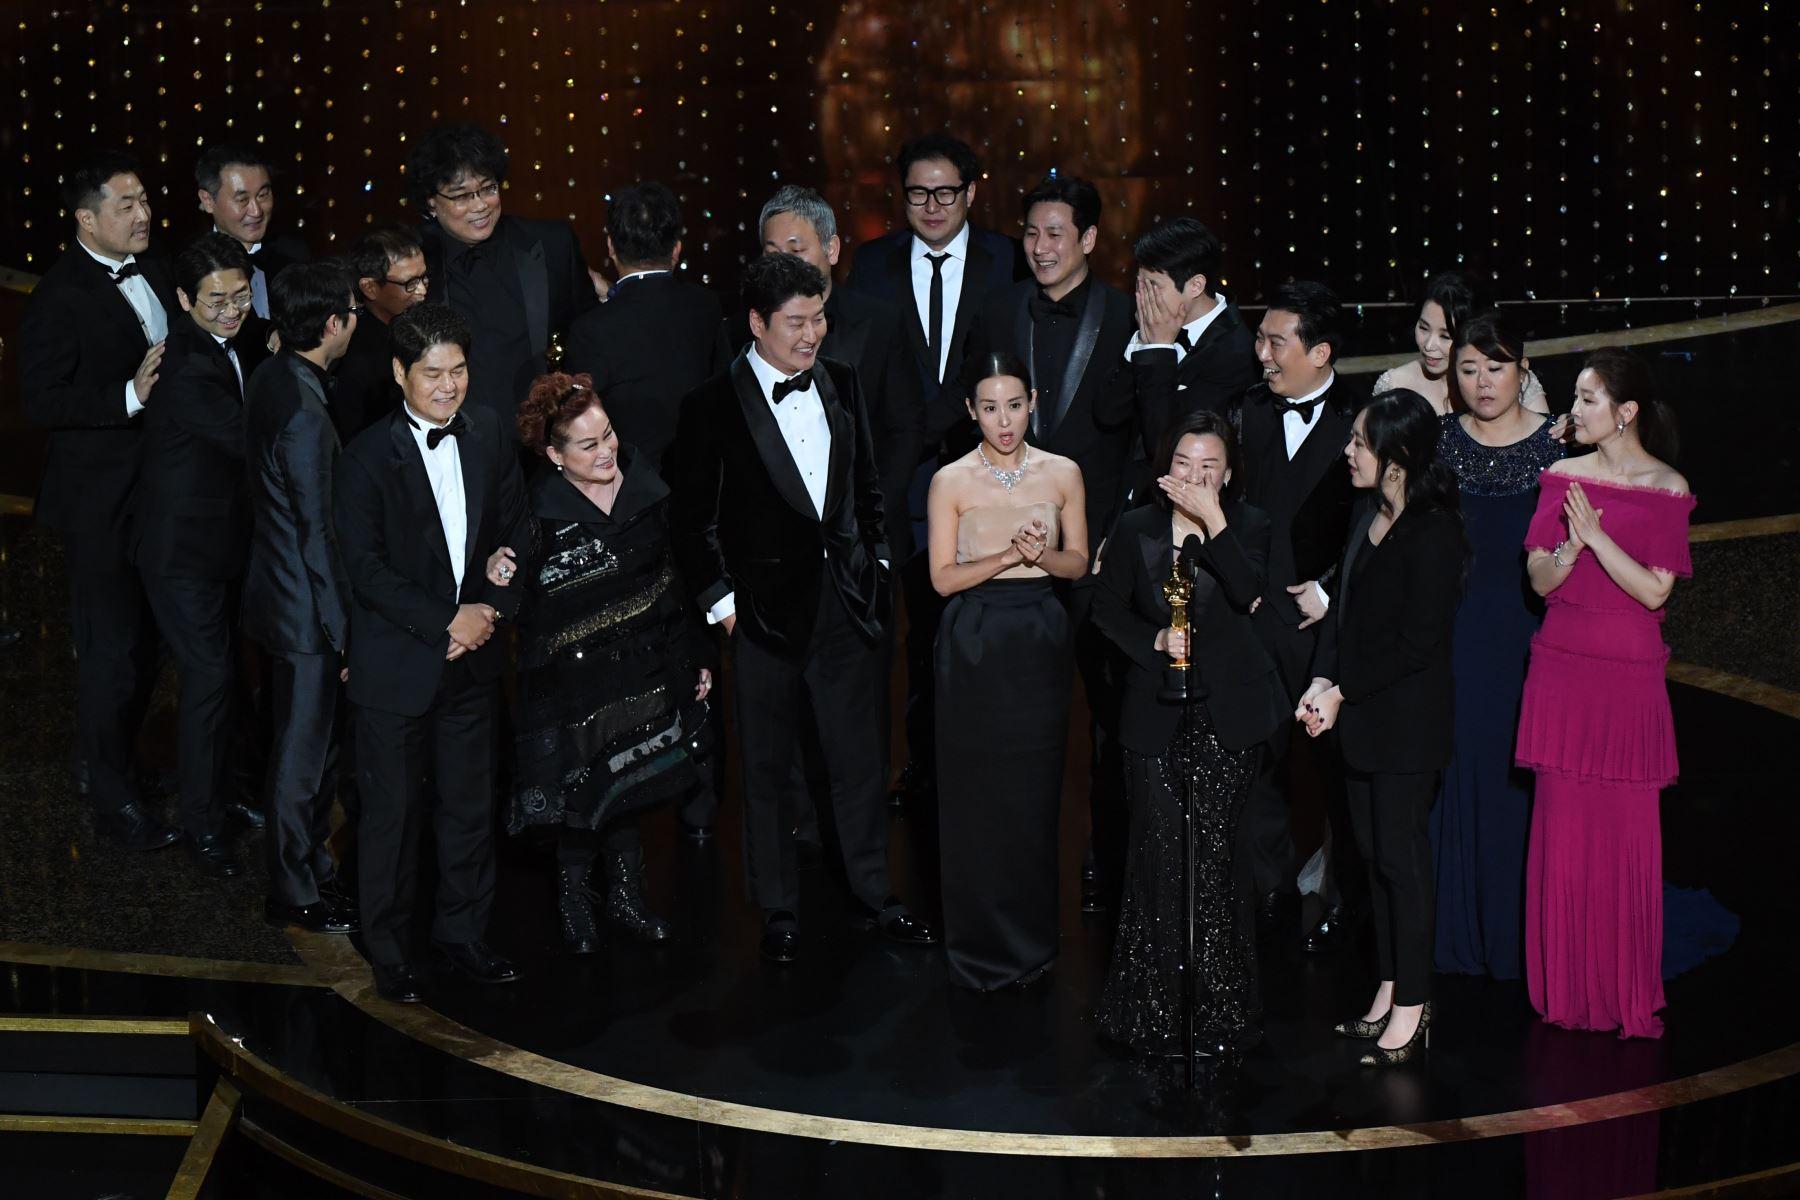 """El elenco y el equipo de """"Parasite"""" aceptan el premio a la Mejor Película por """"Parasite"""" durante la 92ª entrega de los Oscar en el Dolby Theatre de Hollywood, California. Foto: AFP"""